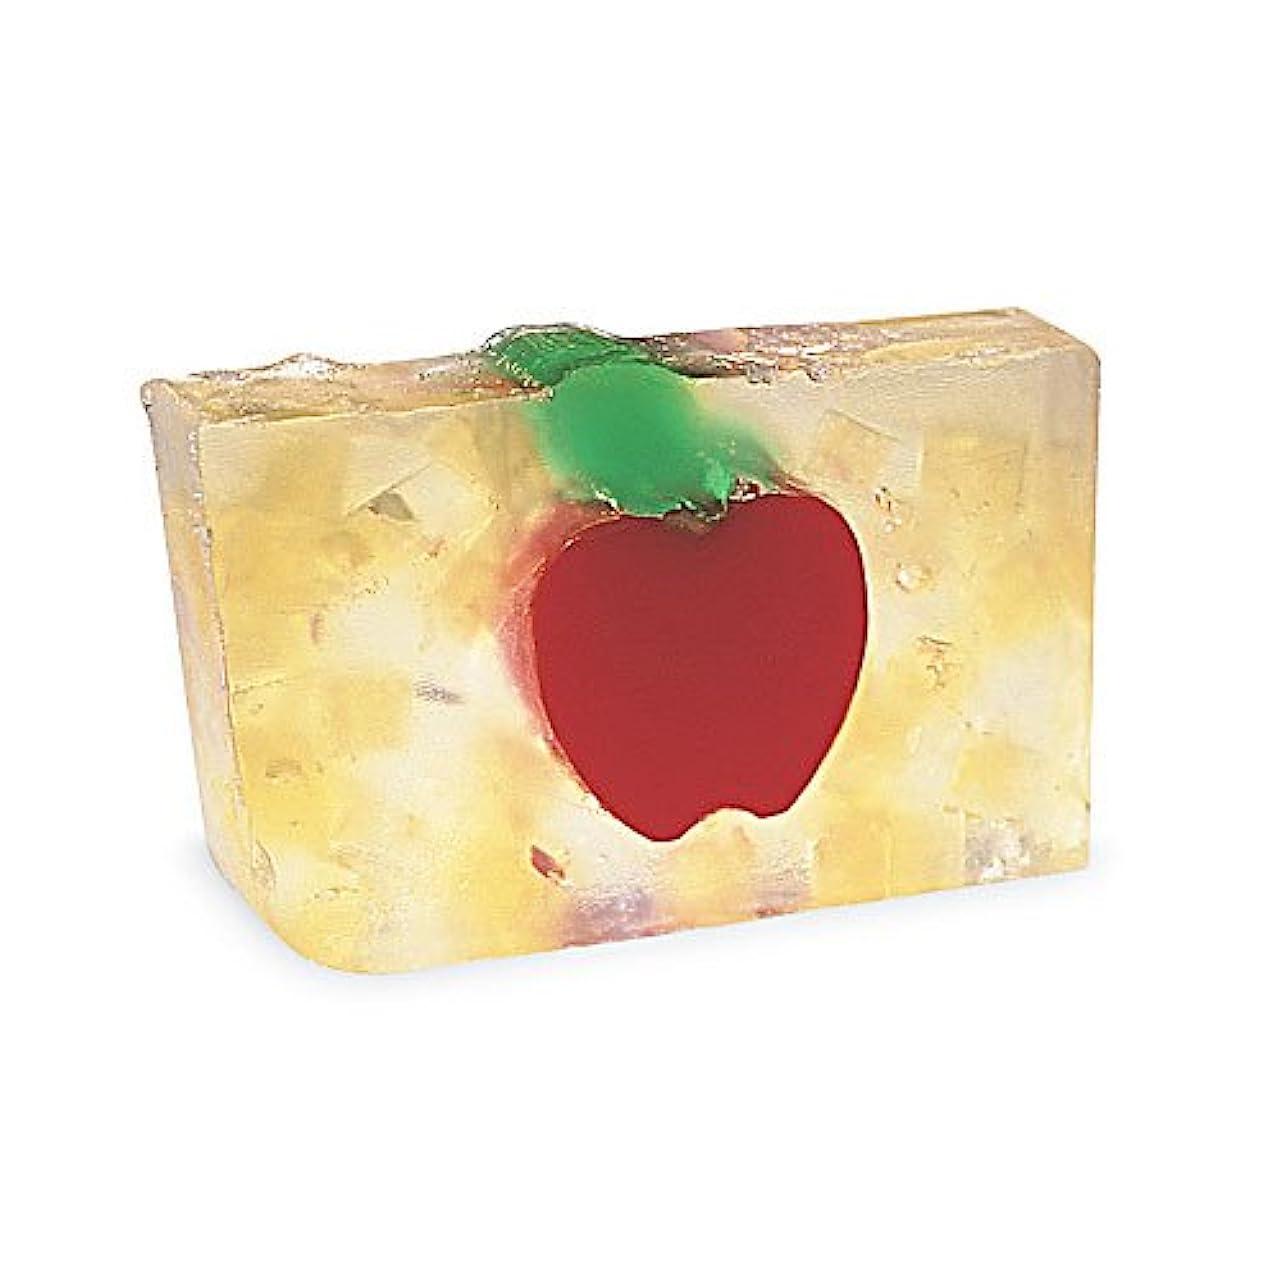 る機転差別的プライモールエレメンツ アロマティック ソープ ビッグアップル 180g 植物性 ナチュラル 石鹸 無添加